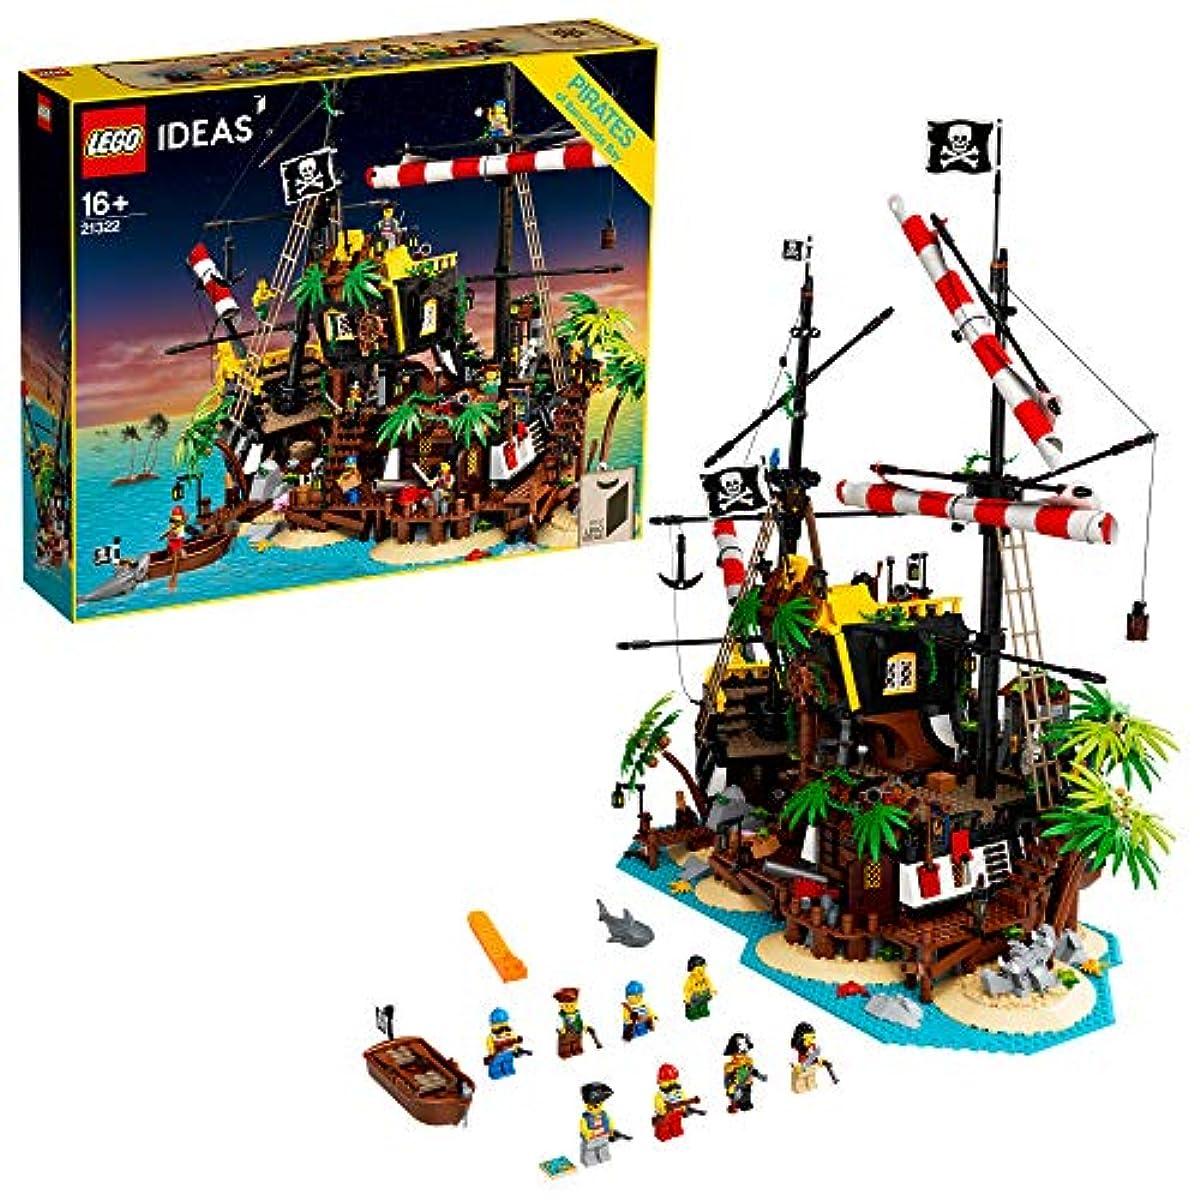 [해외] 레고(LEGO) 아이디어 적수염 선장인 해적도 21322